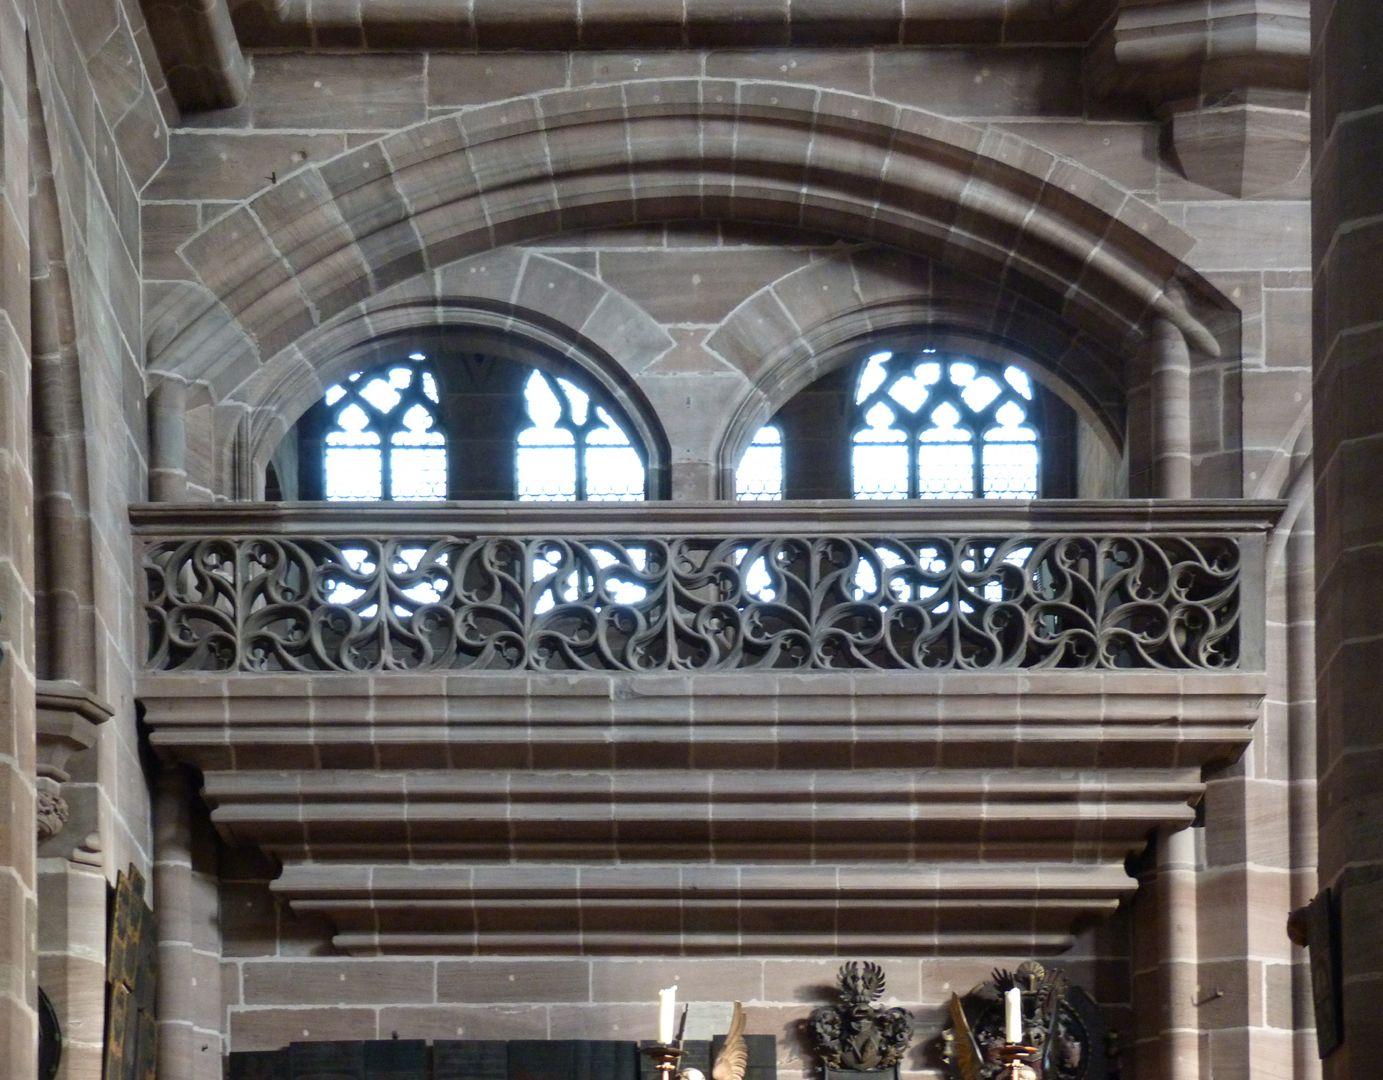 Die Lorenzkirche als Architektur Volckamerempore vom Kirchenraum aus. Sie gab den Anstoß zum Bau von Arkadenhöfen bei Patrizierhäusern in Nürnberg. Erst die Auflösung des Lorenzer Bautrupps 1477 ermöglichte die Verwirklichung prächtiger Arkadenhöfe der Spätgotik.